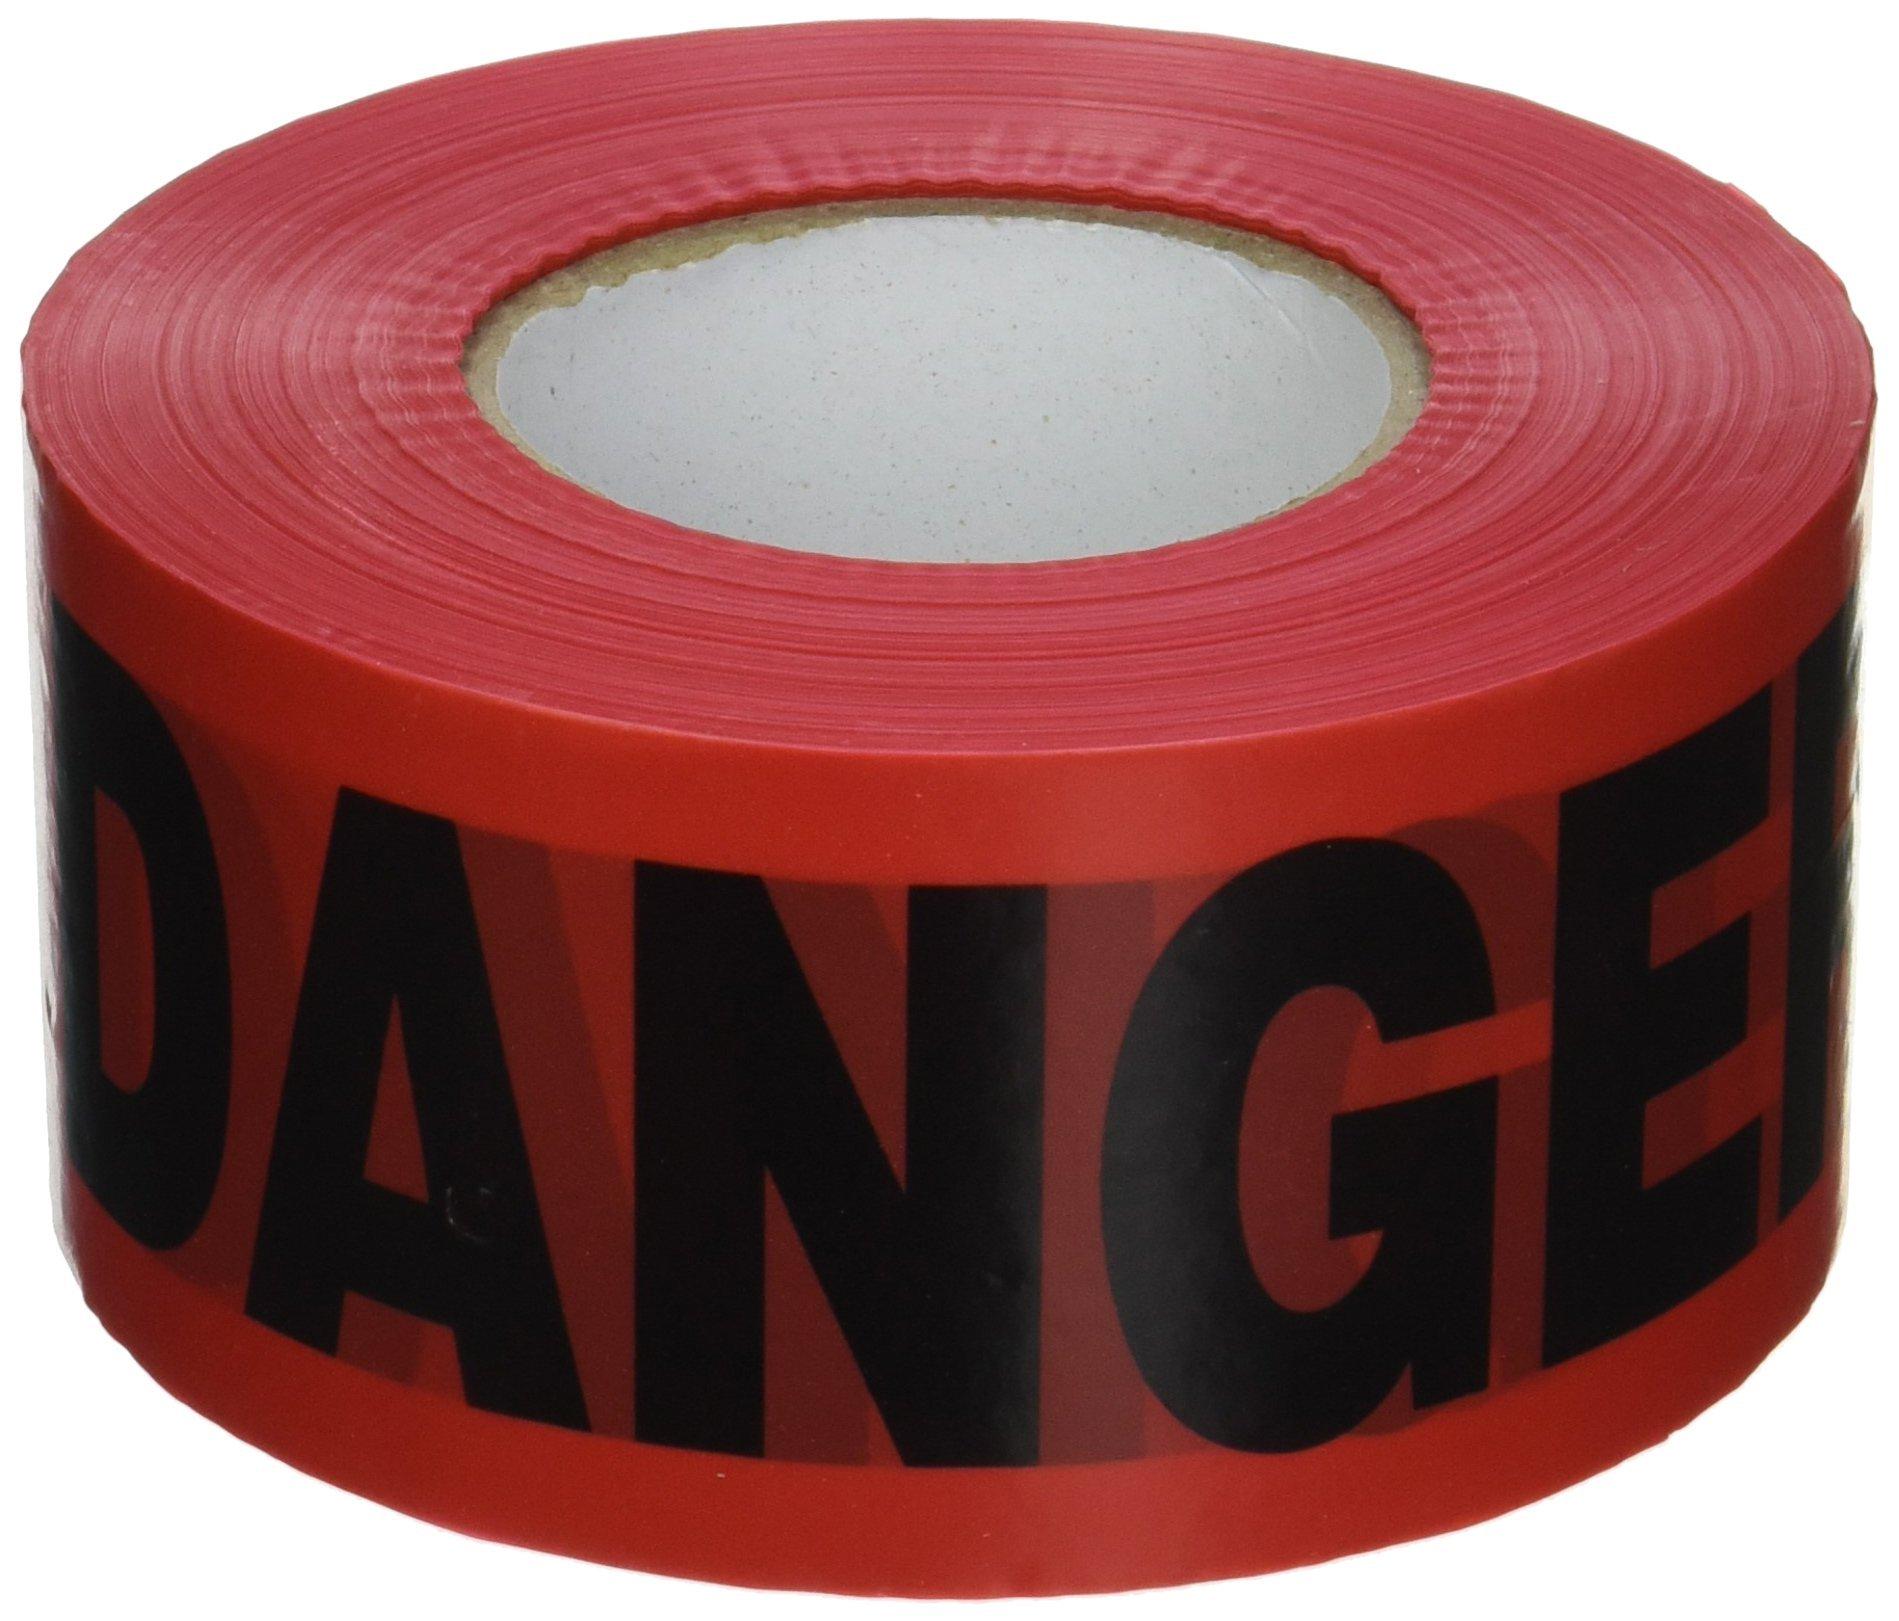 CH Hanson 1000 ft. Red Danger Barricade Tape 2 mil